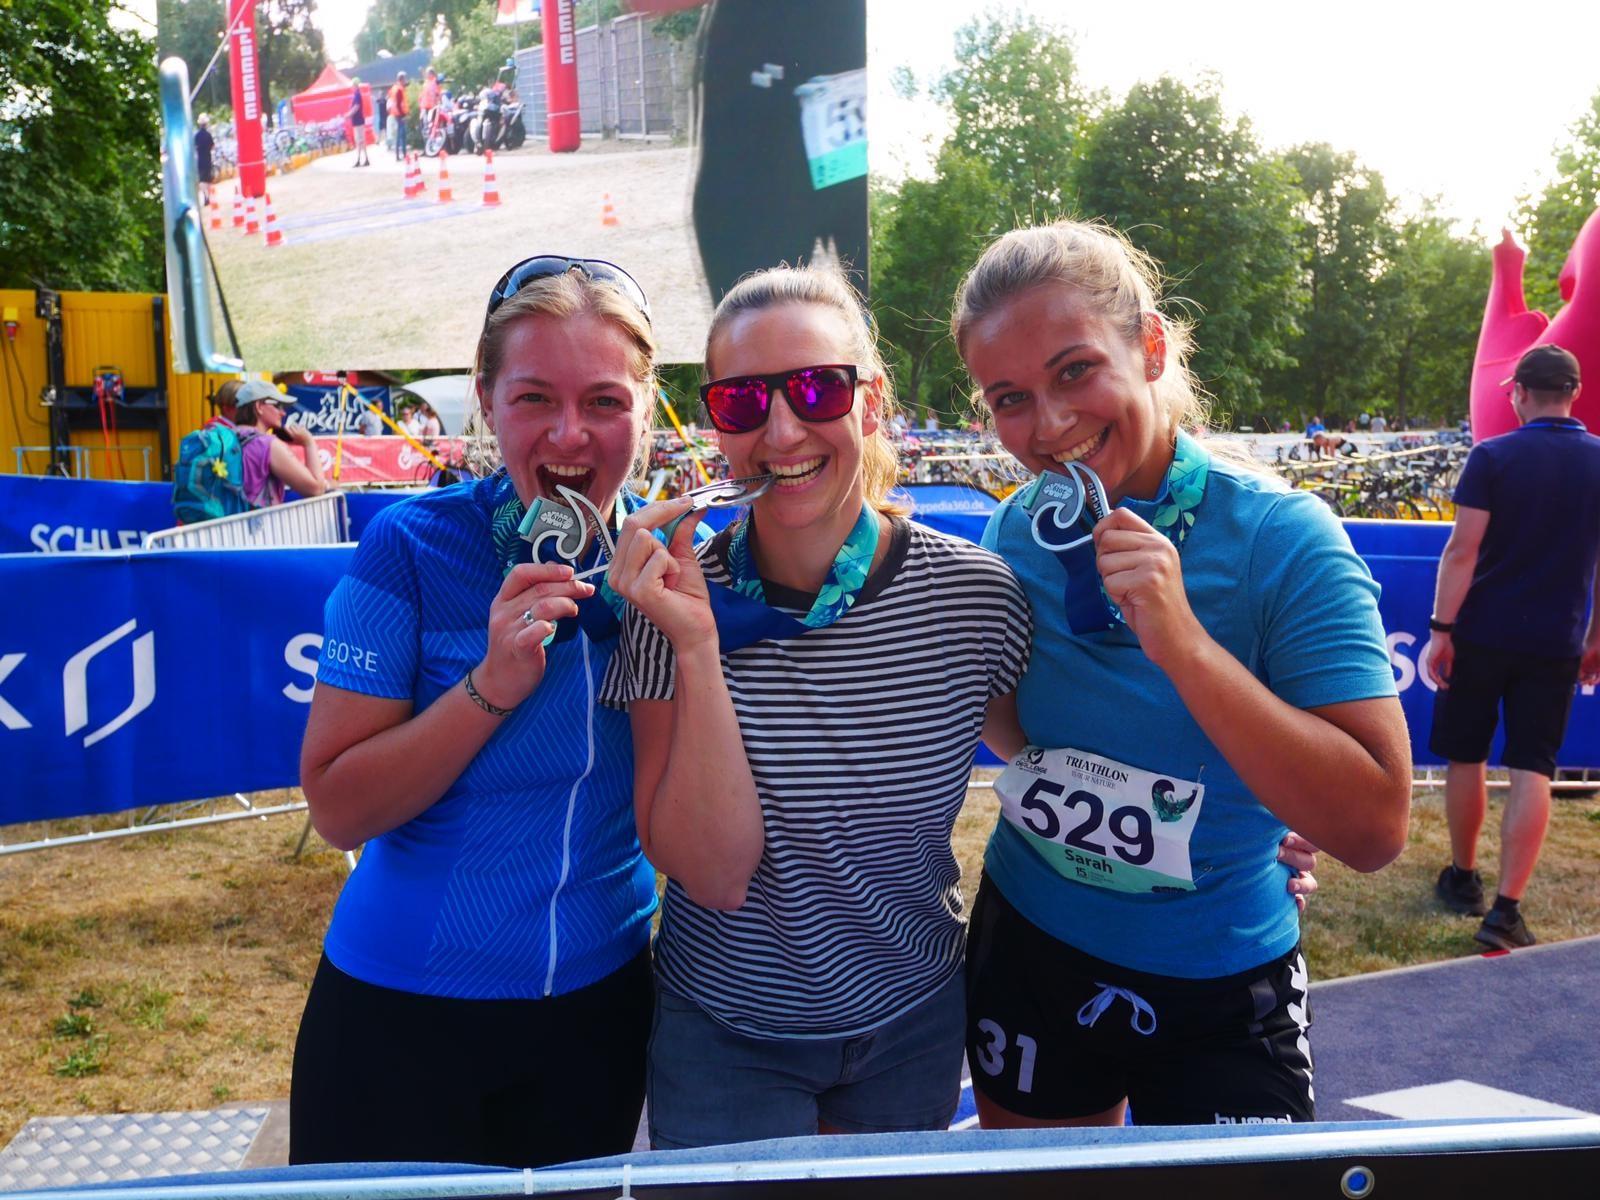 Staffelteilnehmerinnen-uvex-group-Datev-Challenge-Roth-Triathlon-Challengeforall